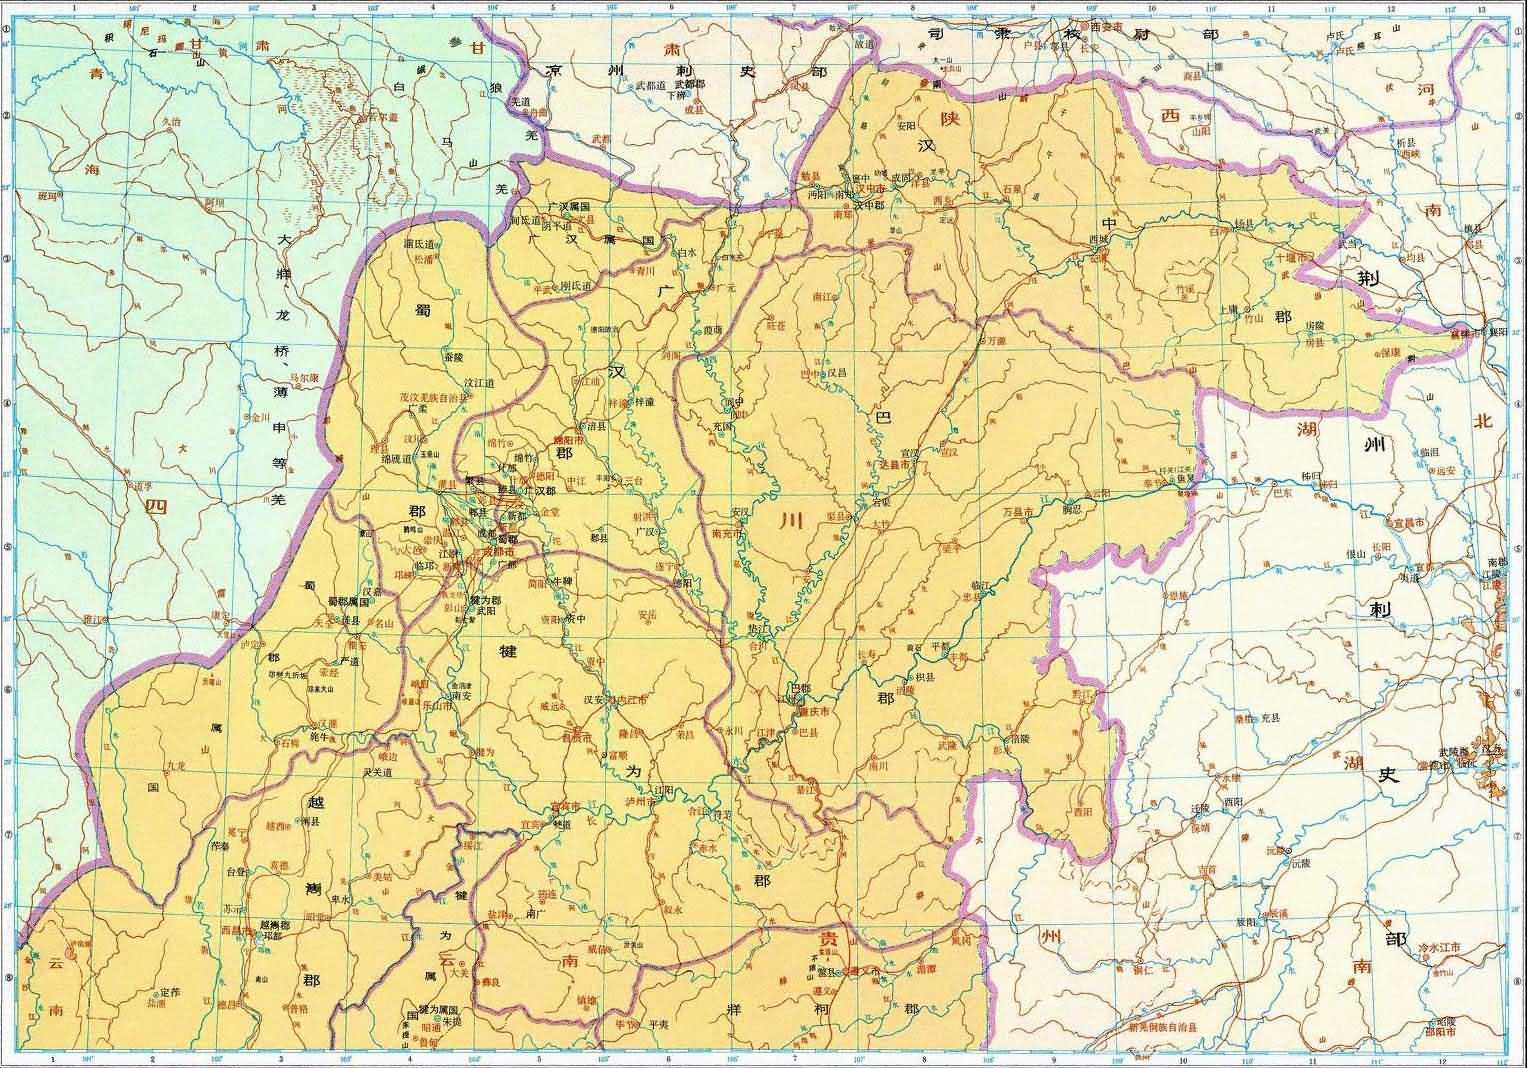 甘肃面积和人口_甘肃十大旅游景点,期待你的到来 甘肃 甘肃省 月牙泉 新浪网